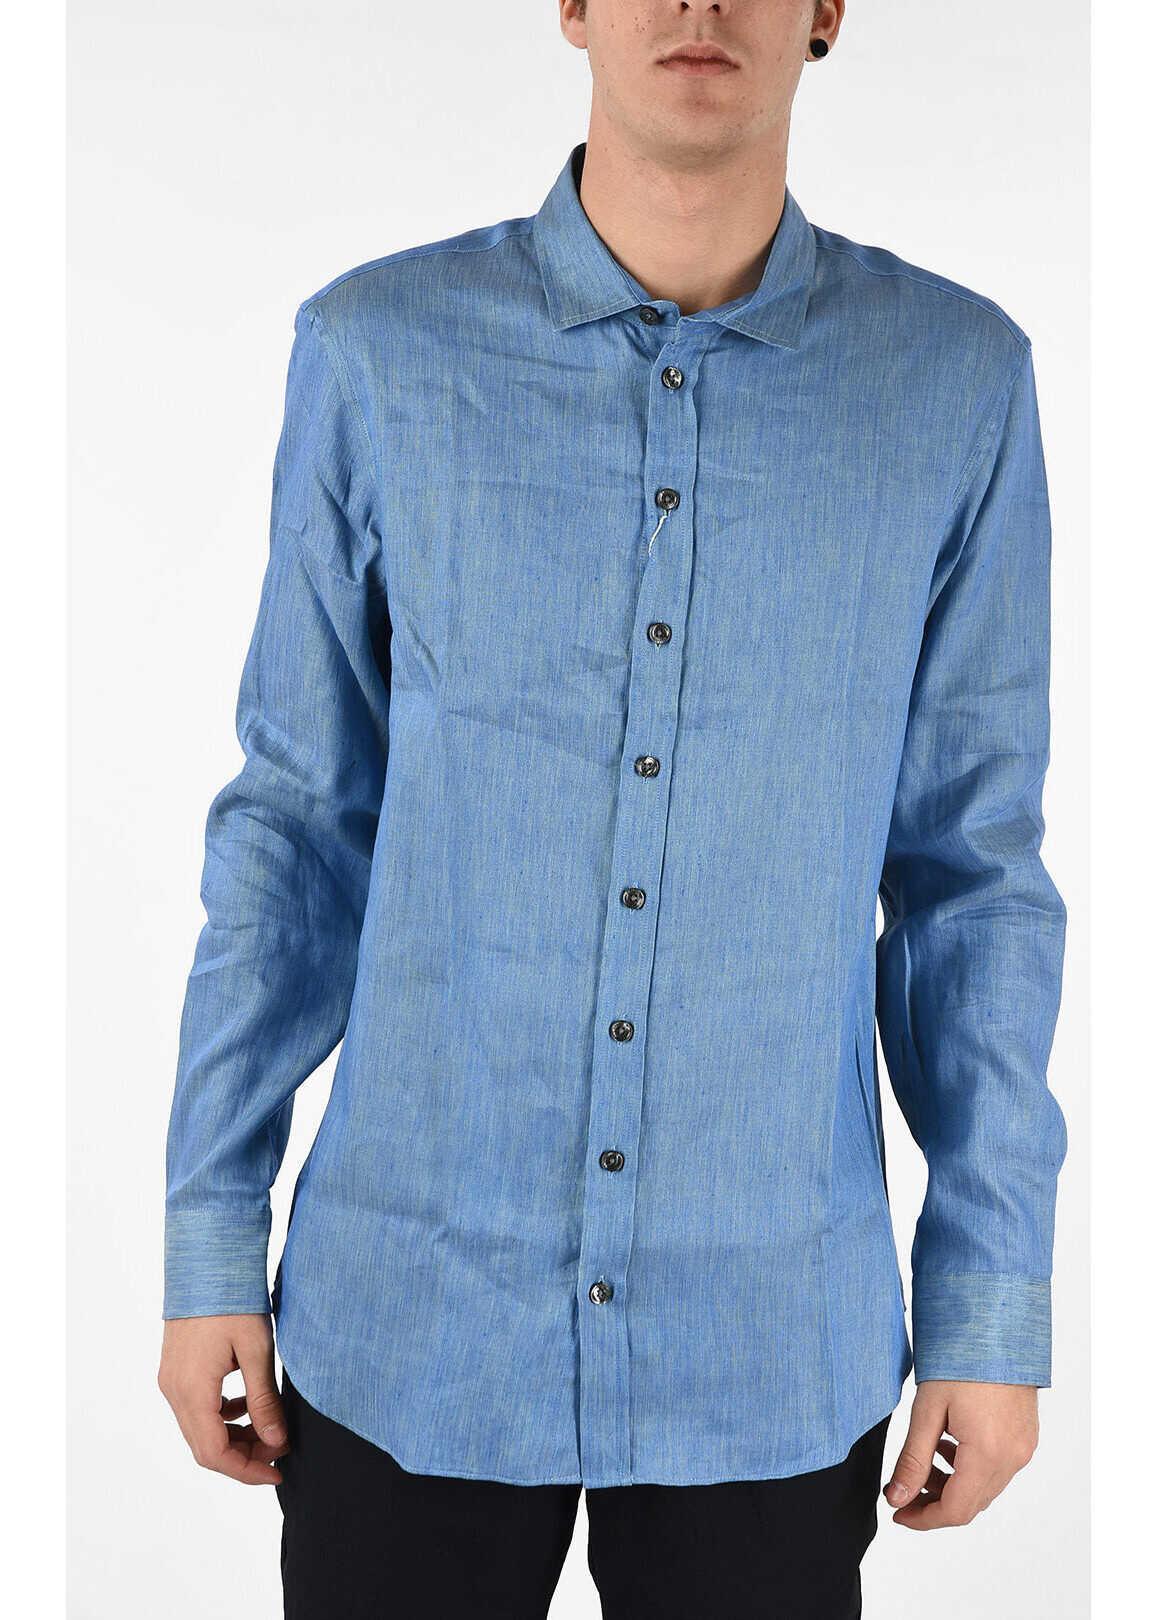 Armani COLLEZIONI Cotton & Linen Shirt LIGHT BLUE